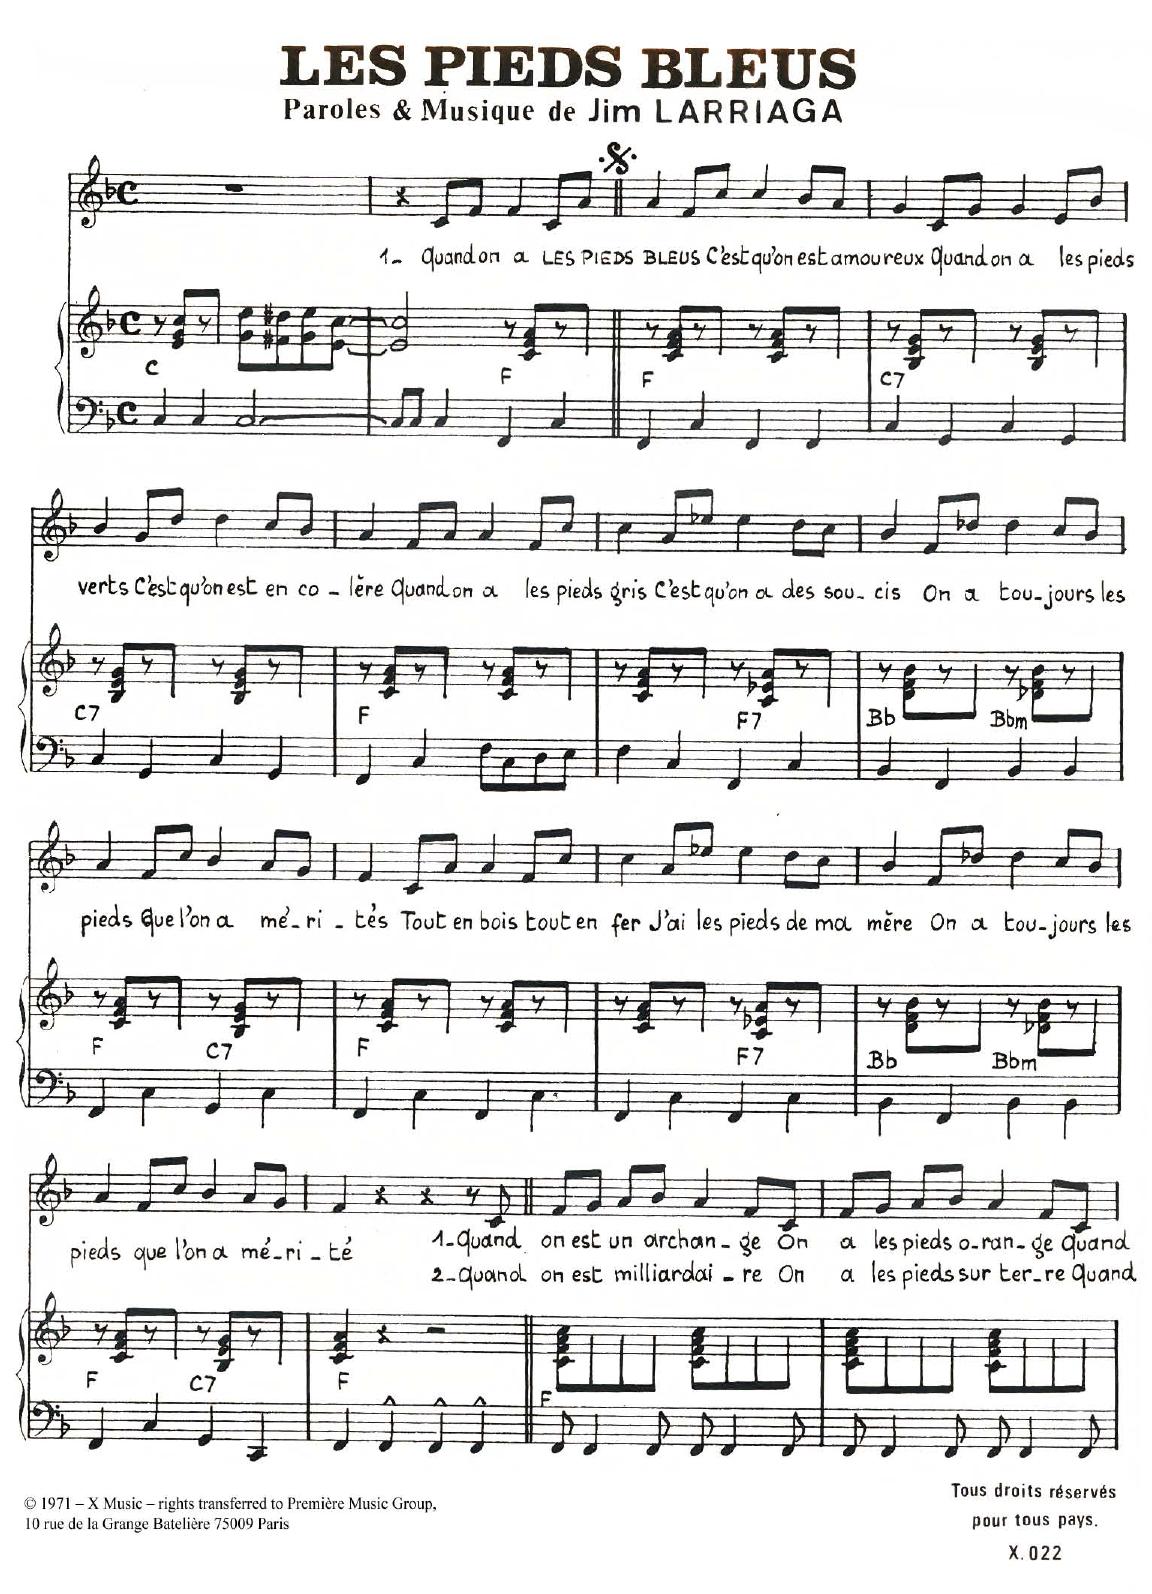 Les Pieds Bleus Sheet Music